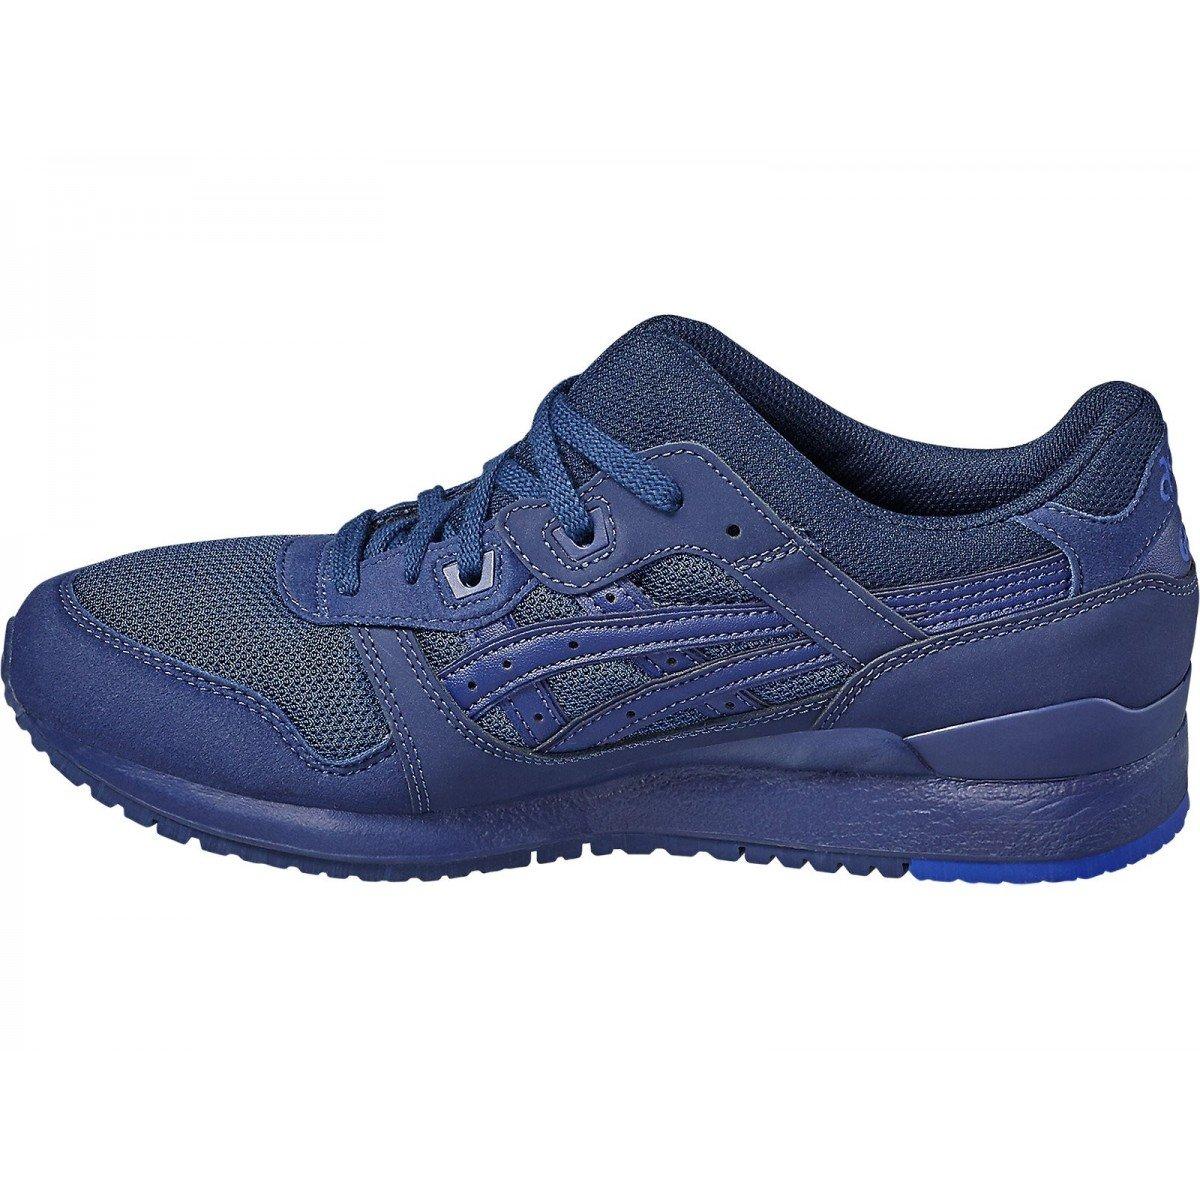 Asics Gel-Lyte III H7n3n-4949, Zapatillas Unisex Adulto 45 EU Mehrfarbig (Blue 001)